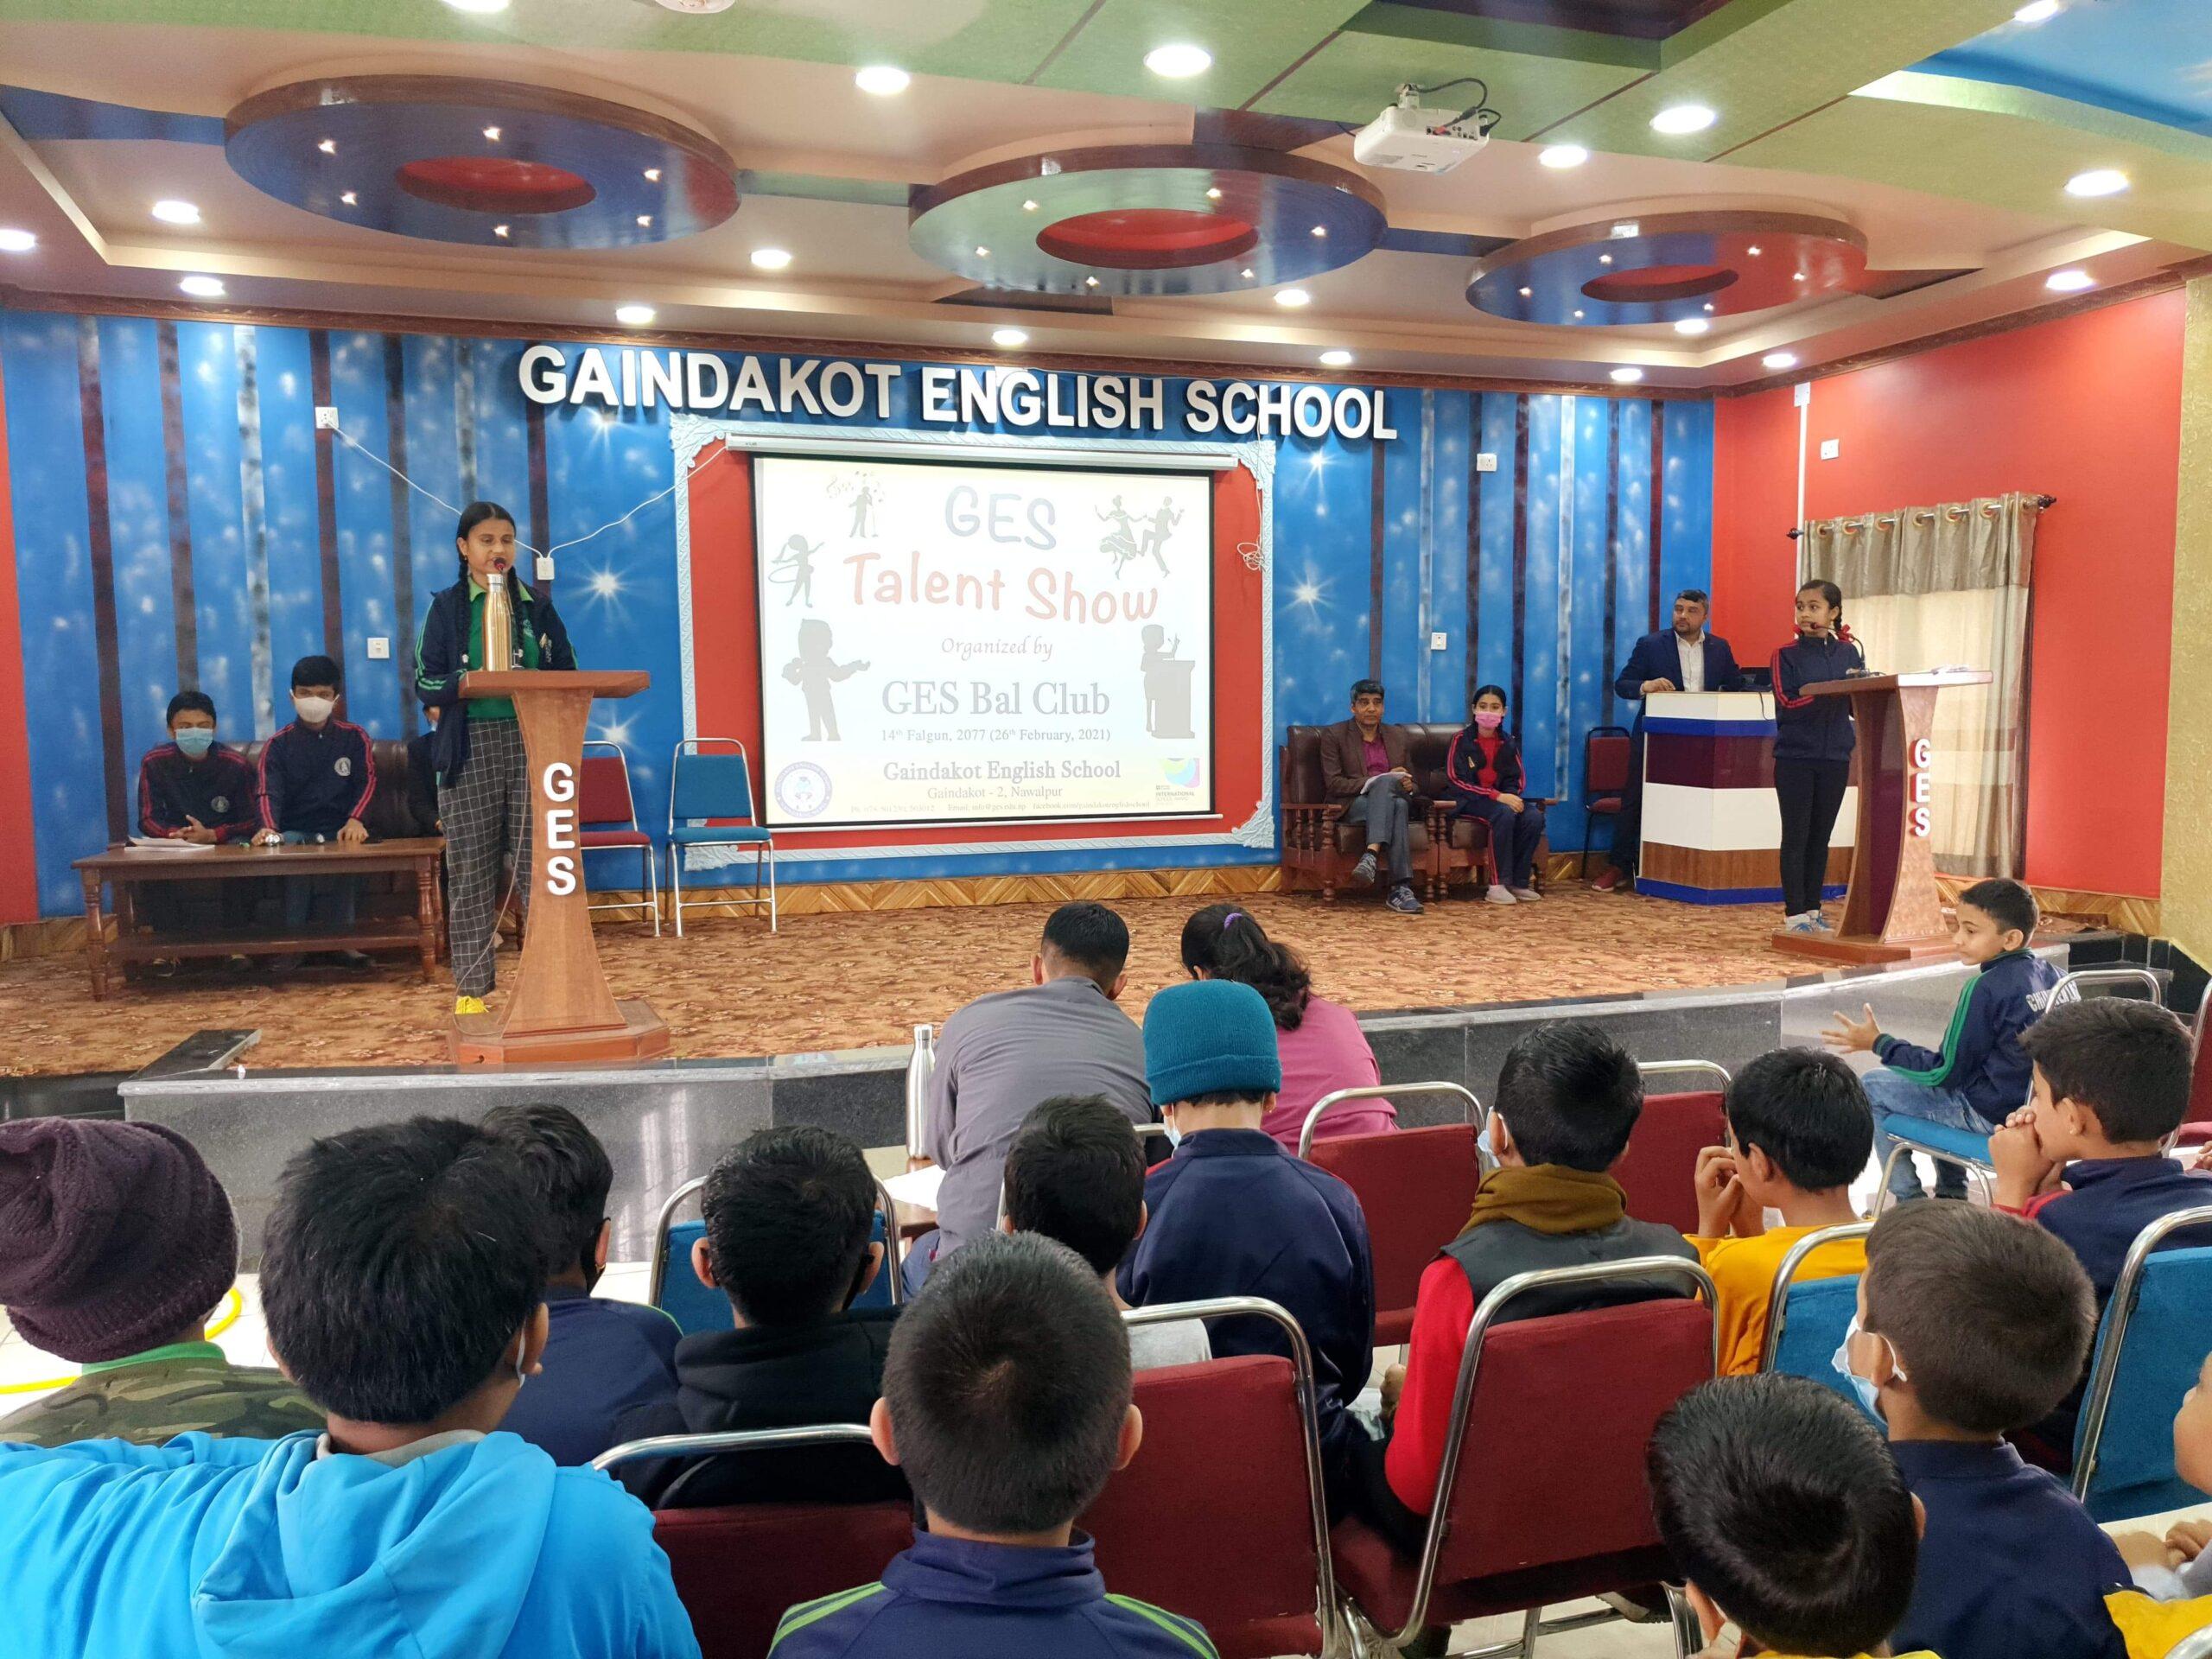 गैंडाकोट इंग्लिस स्कूलमा प्रतिभा प्रस्फुटन कार्यक्रम सम्पन्न ।